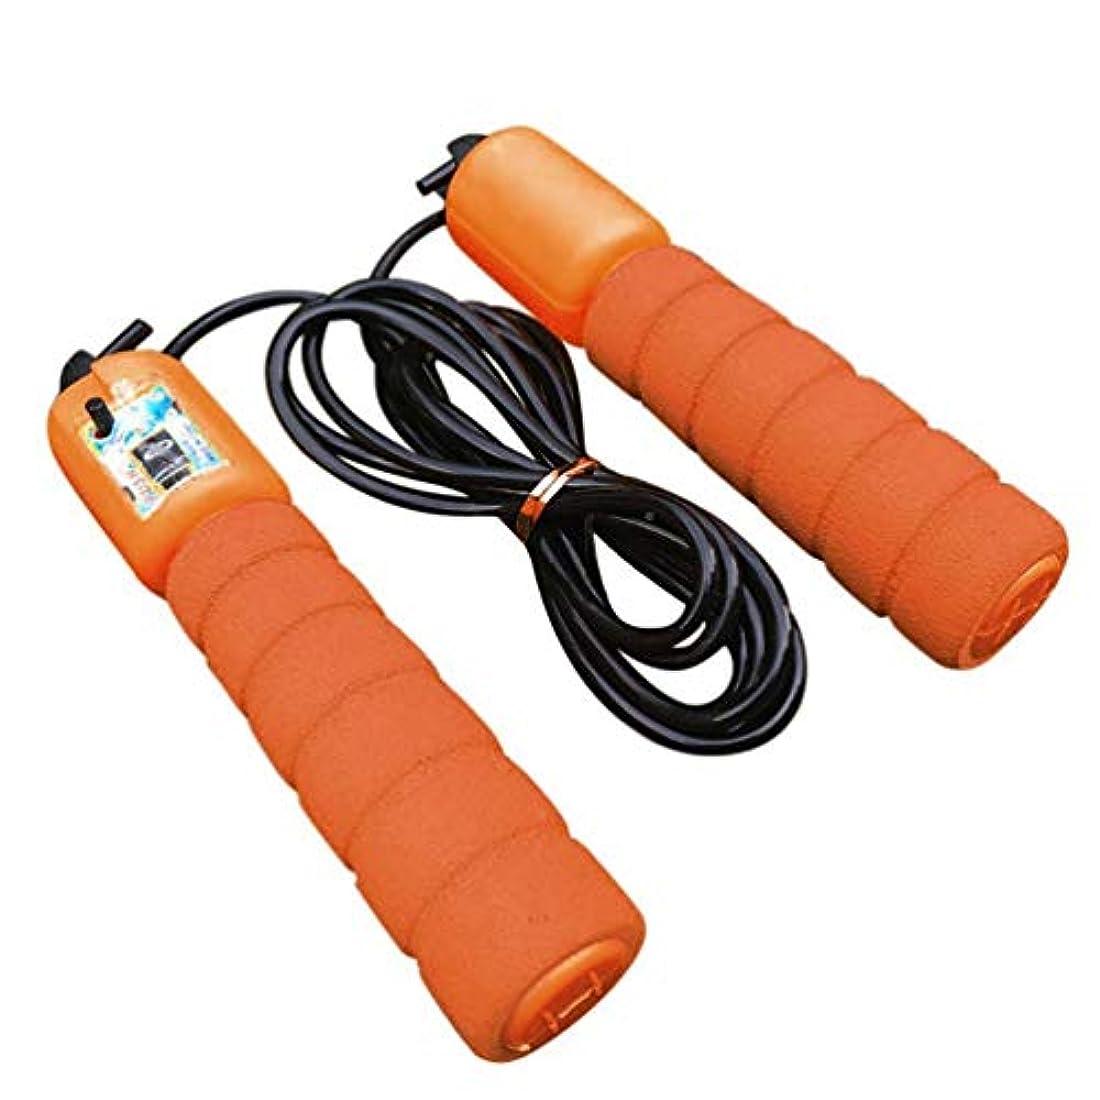 激怒グラマー宿題調整可能なプロフェッショナルカウントスキップロープ自動カウントジャンプロープフィットネスエクササイズ高速スピードカウントジャンプロープ-オレンジ